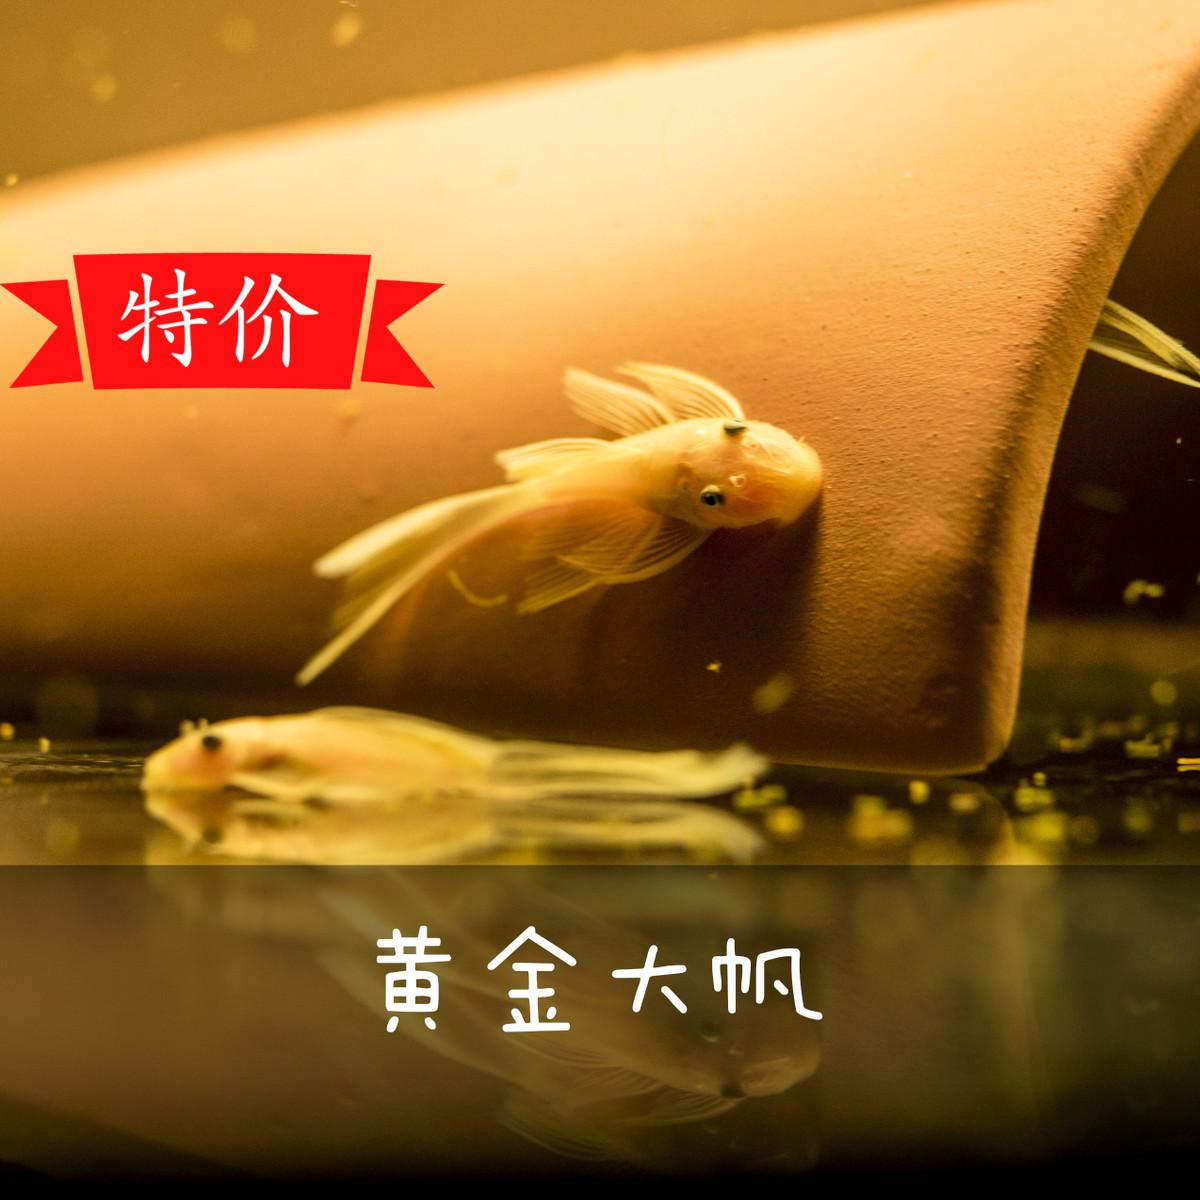 红眼大帆天使鱼蓝眼胡子工具大帆胡子鱼除藻鱼草缸24k鱼皮实